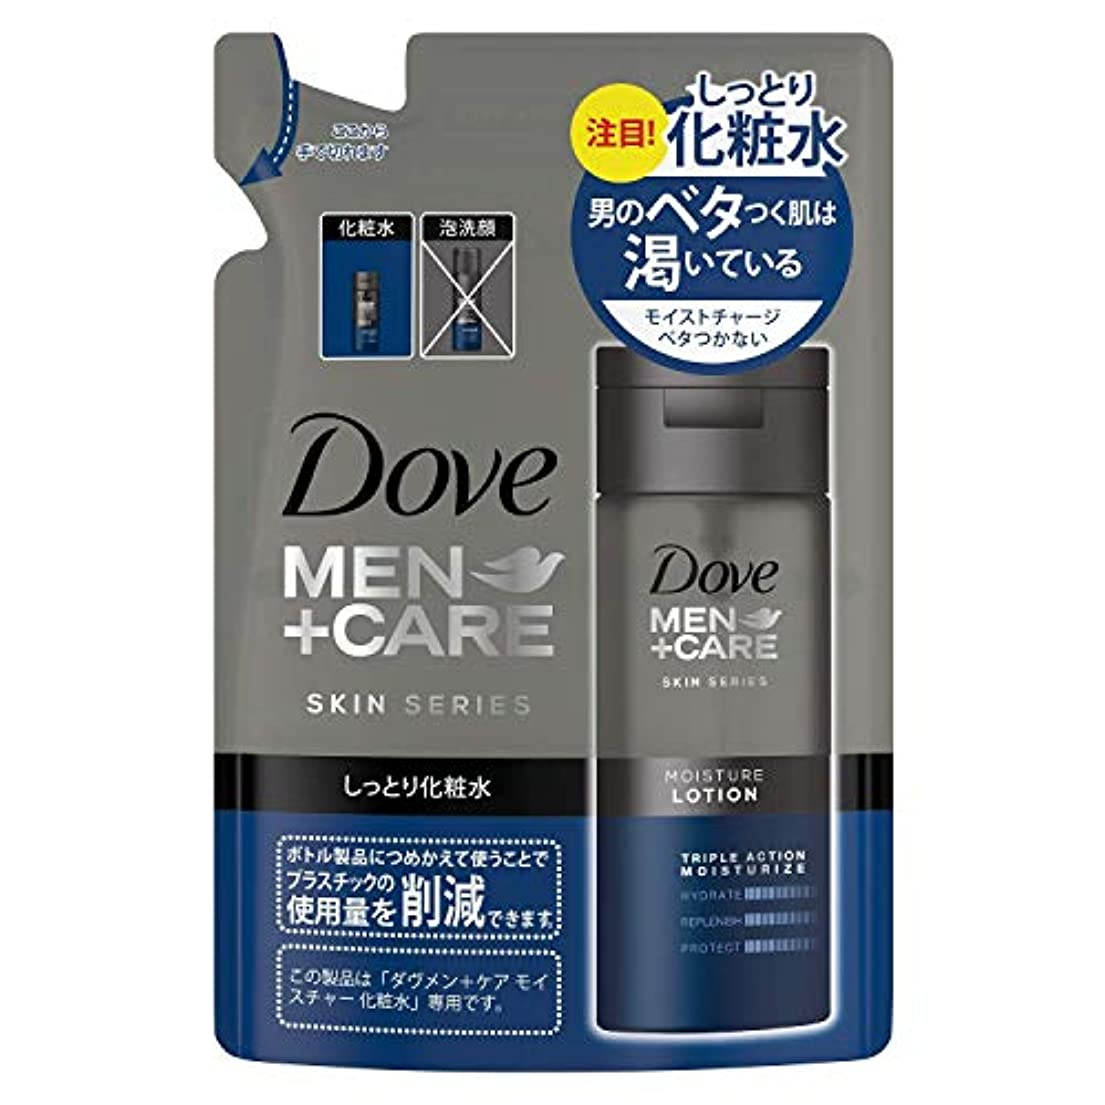 ダヴメン+ケア モイスチャー 化粧水 つめかえ用130ml×3点